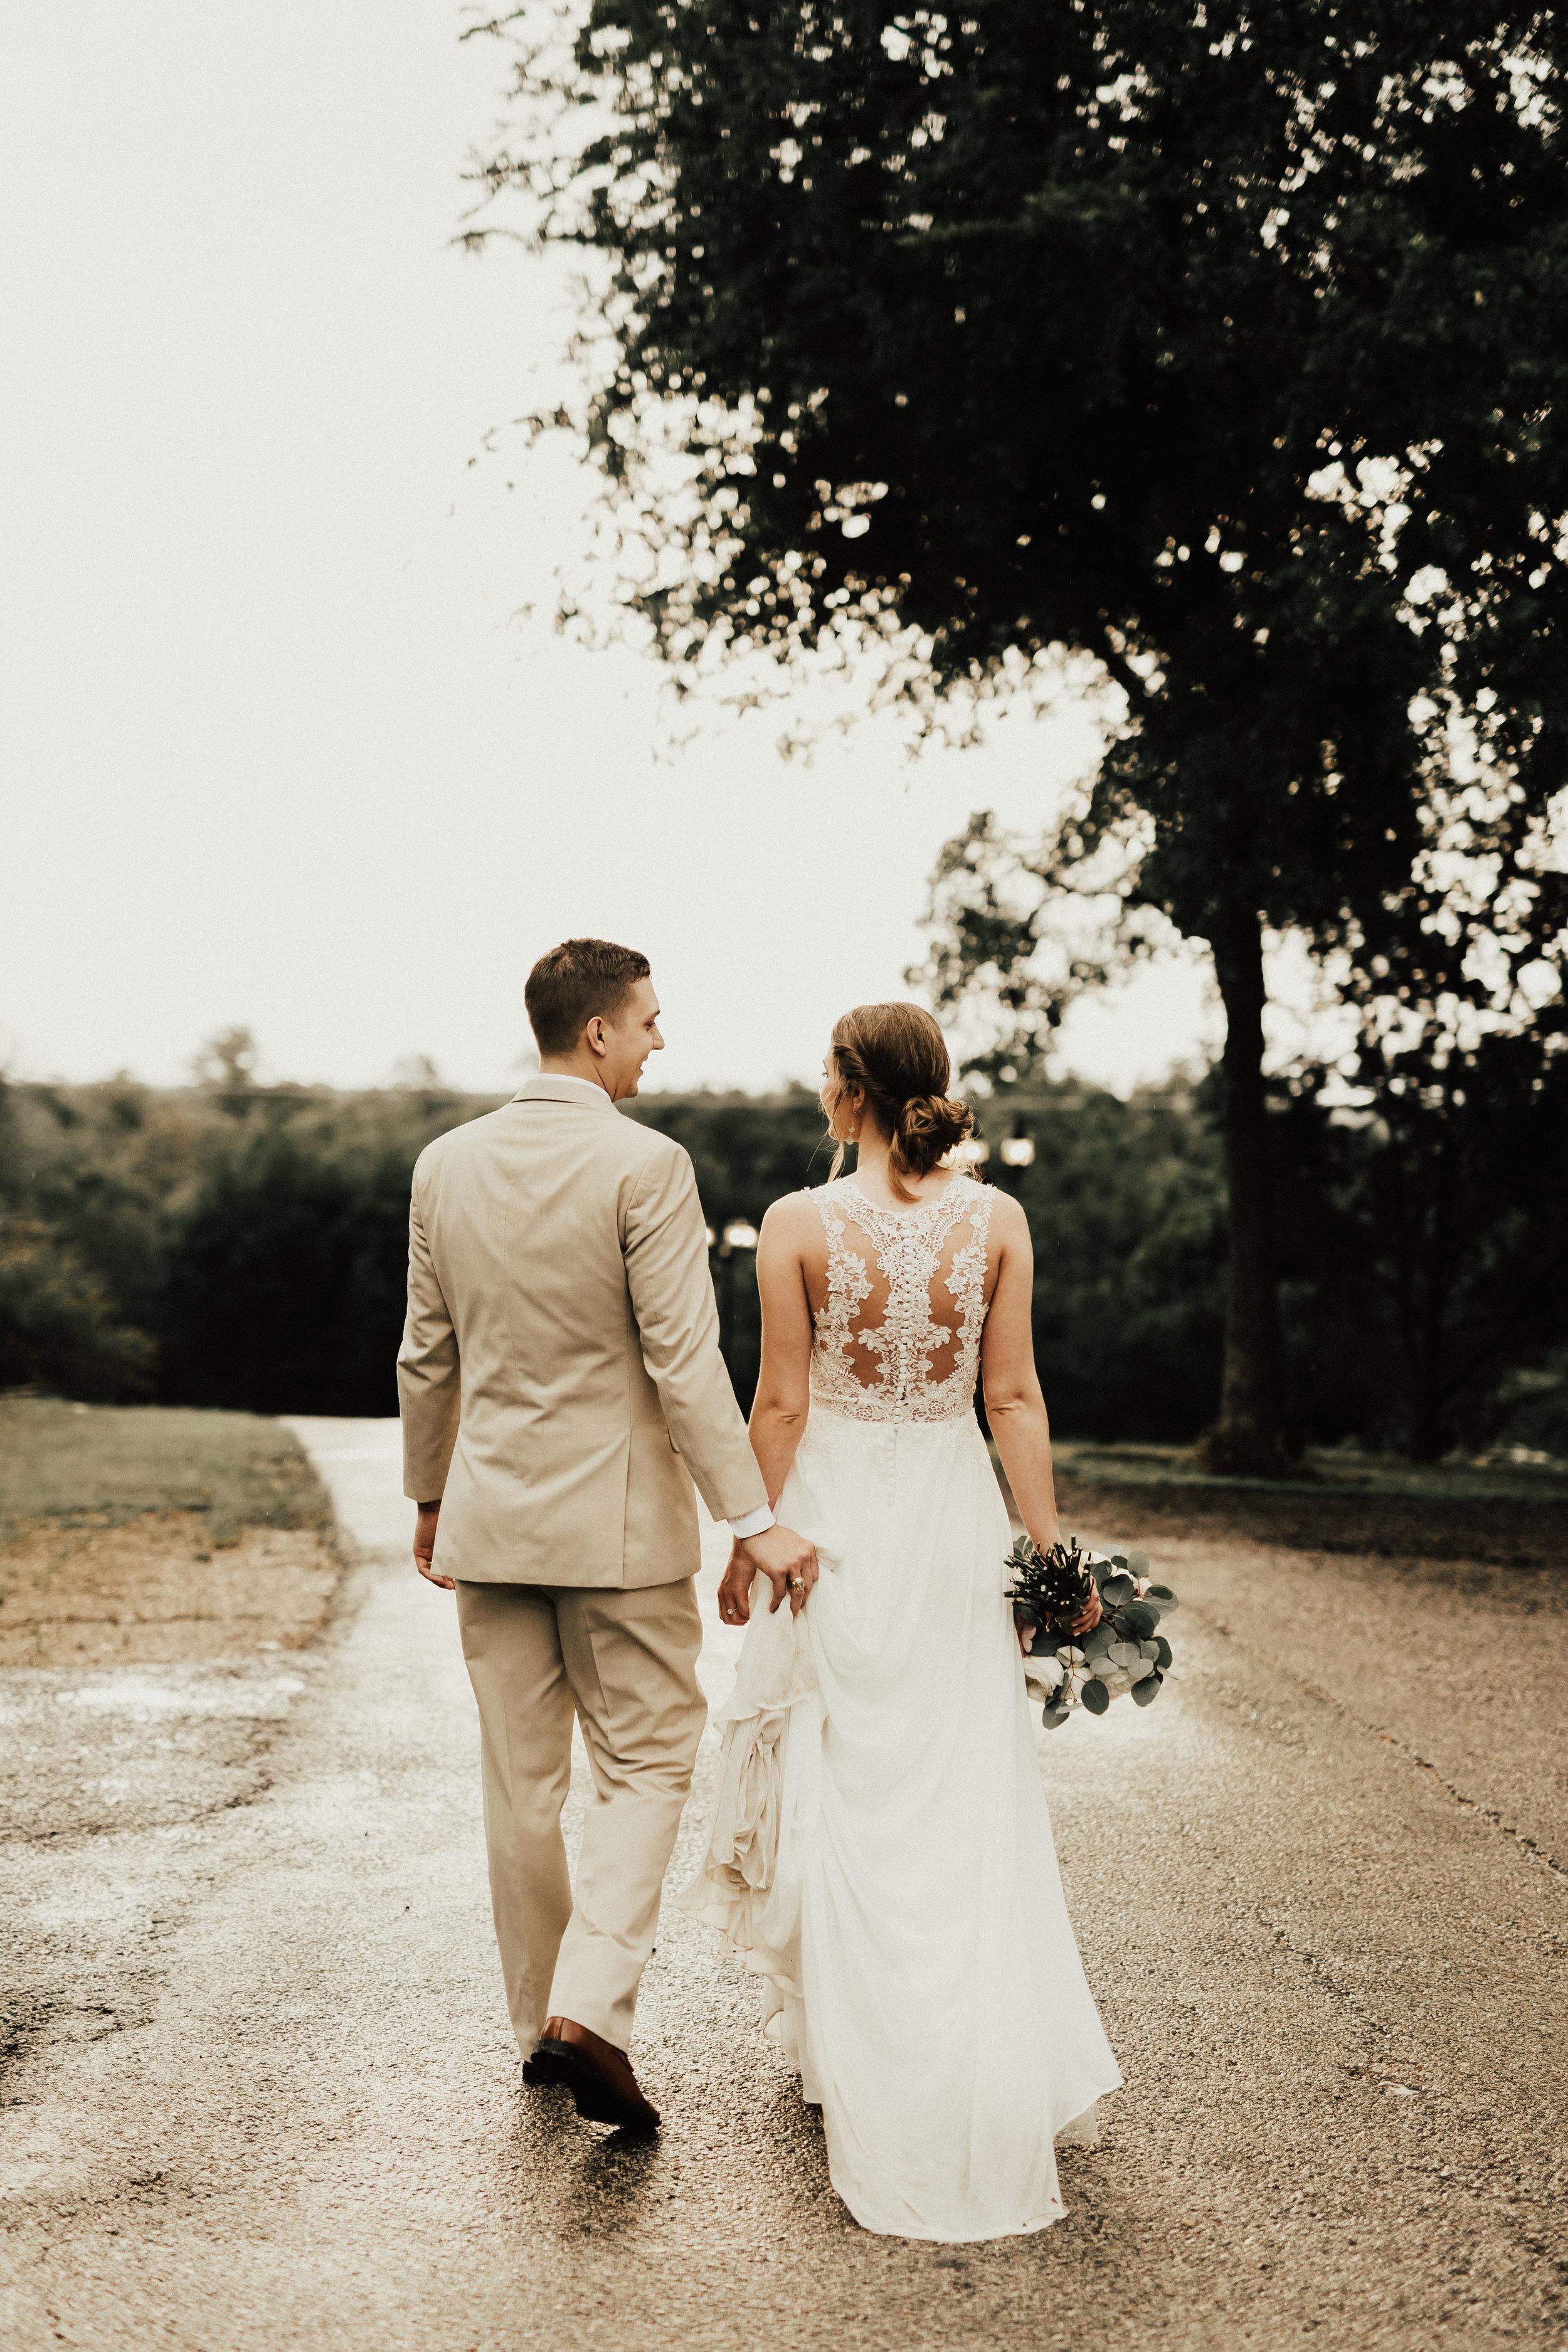 HAILEY-TIM-wedding-photographer-kindred-oaks-texas-436.jpg